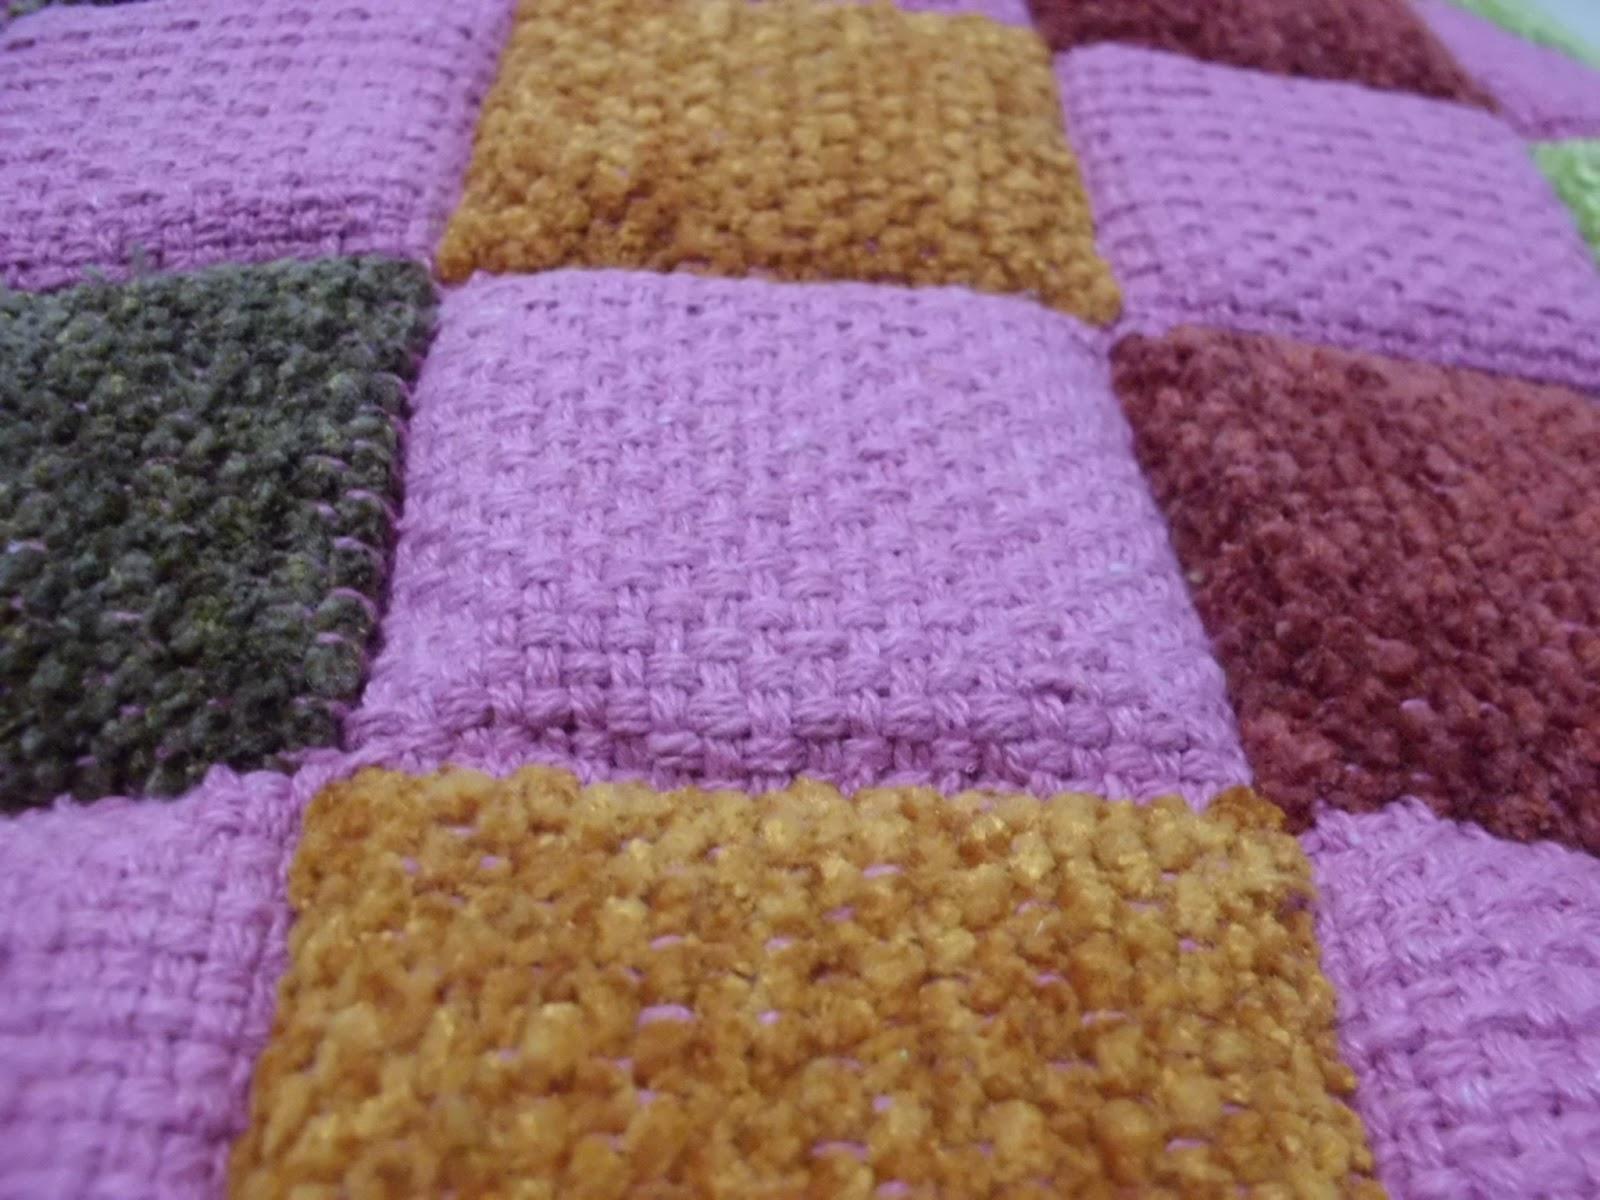 Tappeti Per Bambini Lavabili In Lavatrice : Tappetini per bambini adatti per gattonare tappeti per bambini